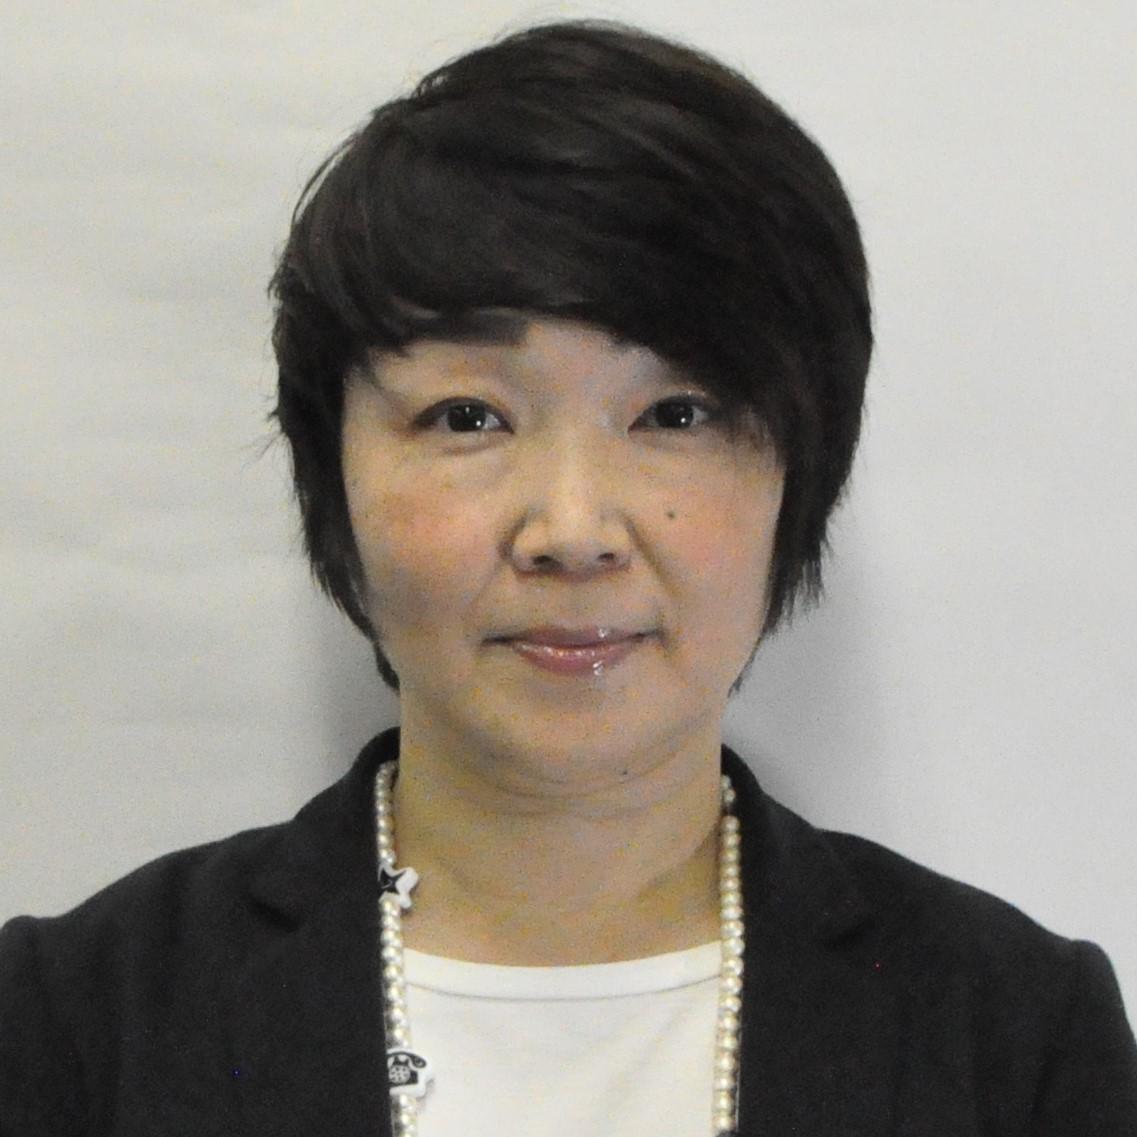 安田 智子(やすだ ともこ)